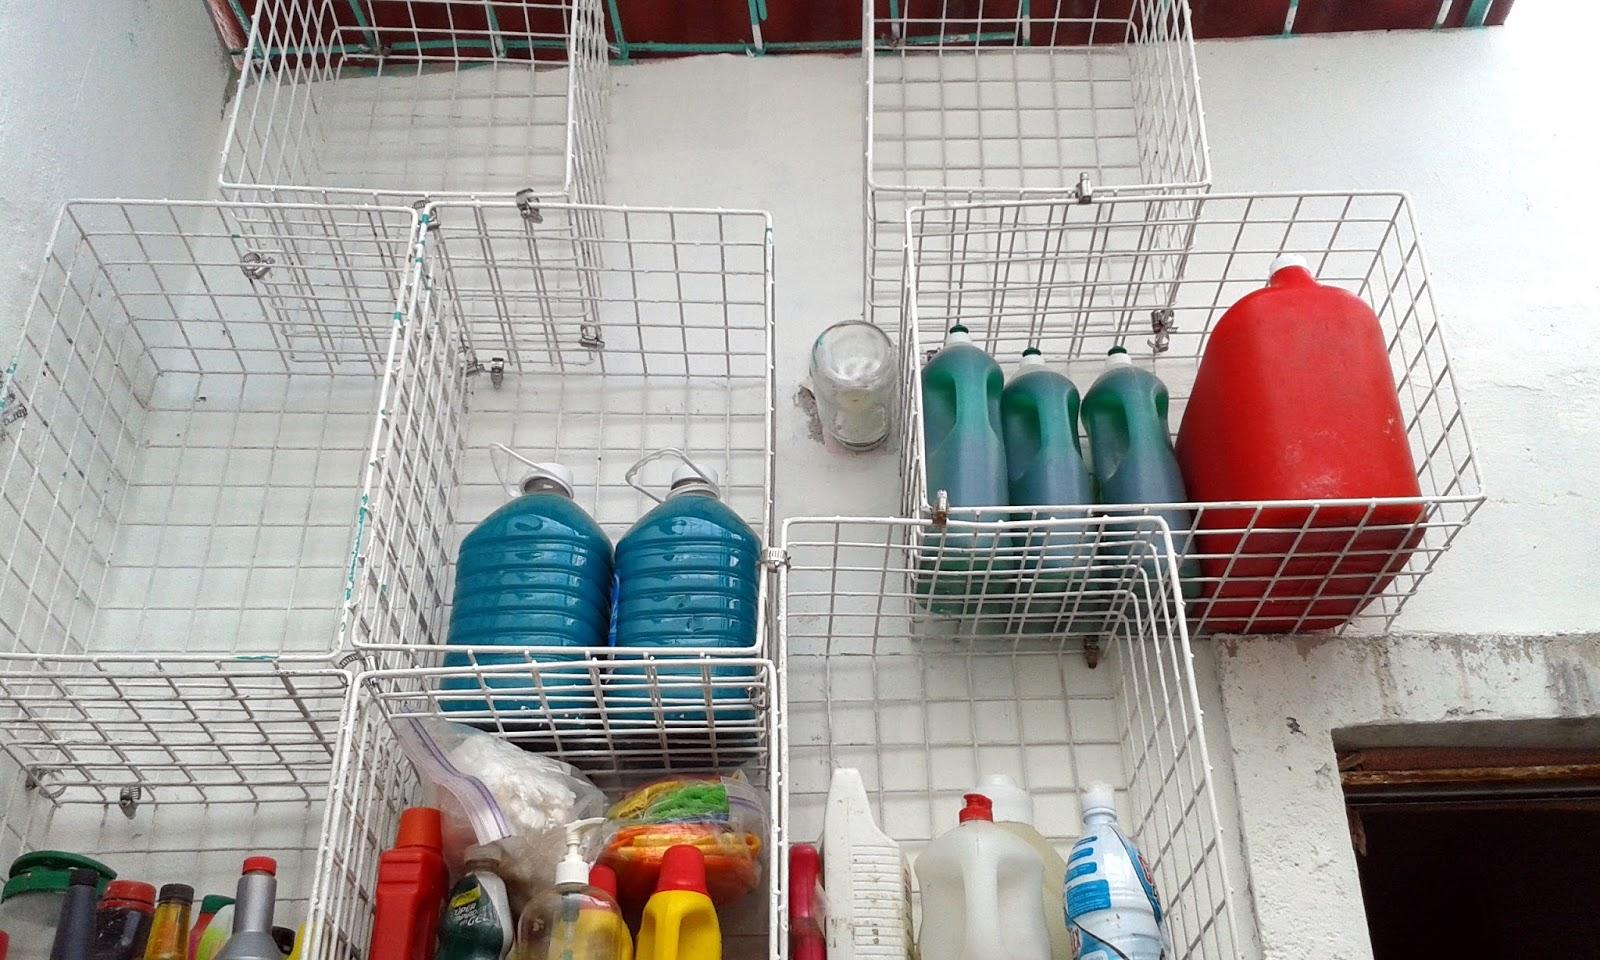 Mi casa soluciones practicas para organizar en casa - Organizador de lavanderia ...